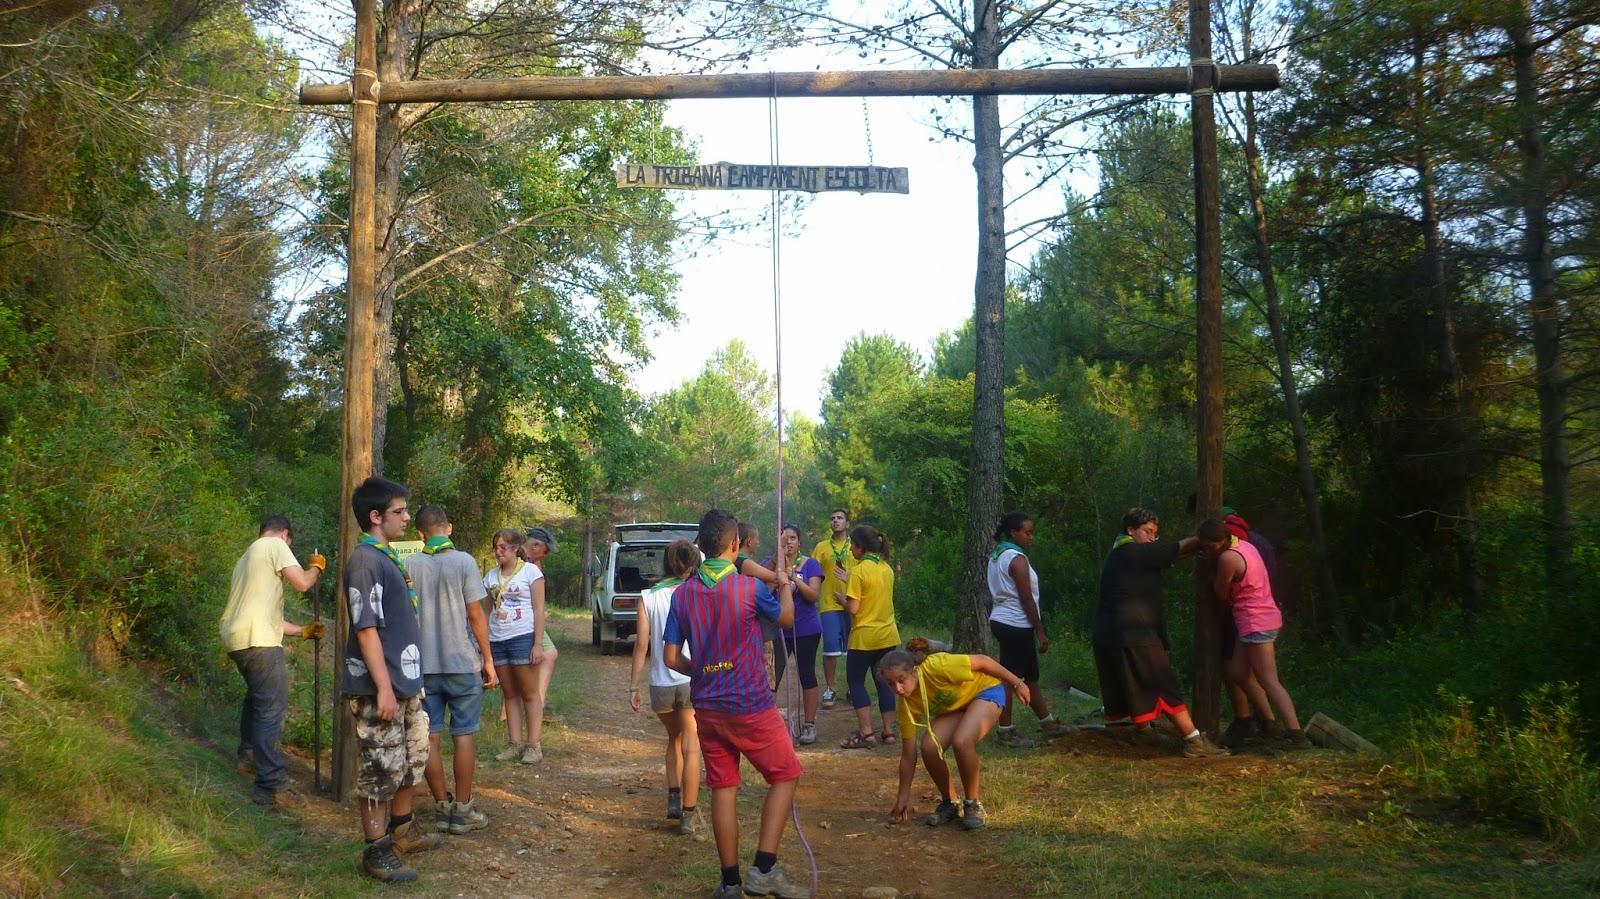 Campaments Estiu Cabanelles 2014 - P1070183.JPG